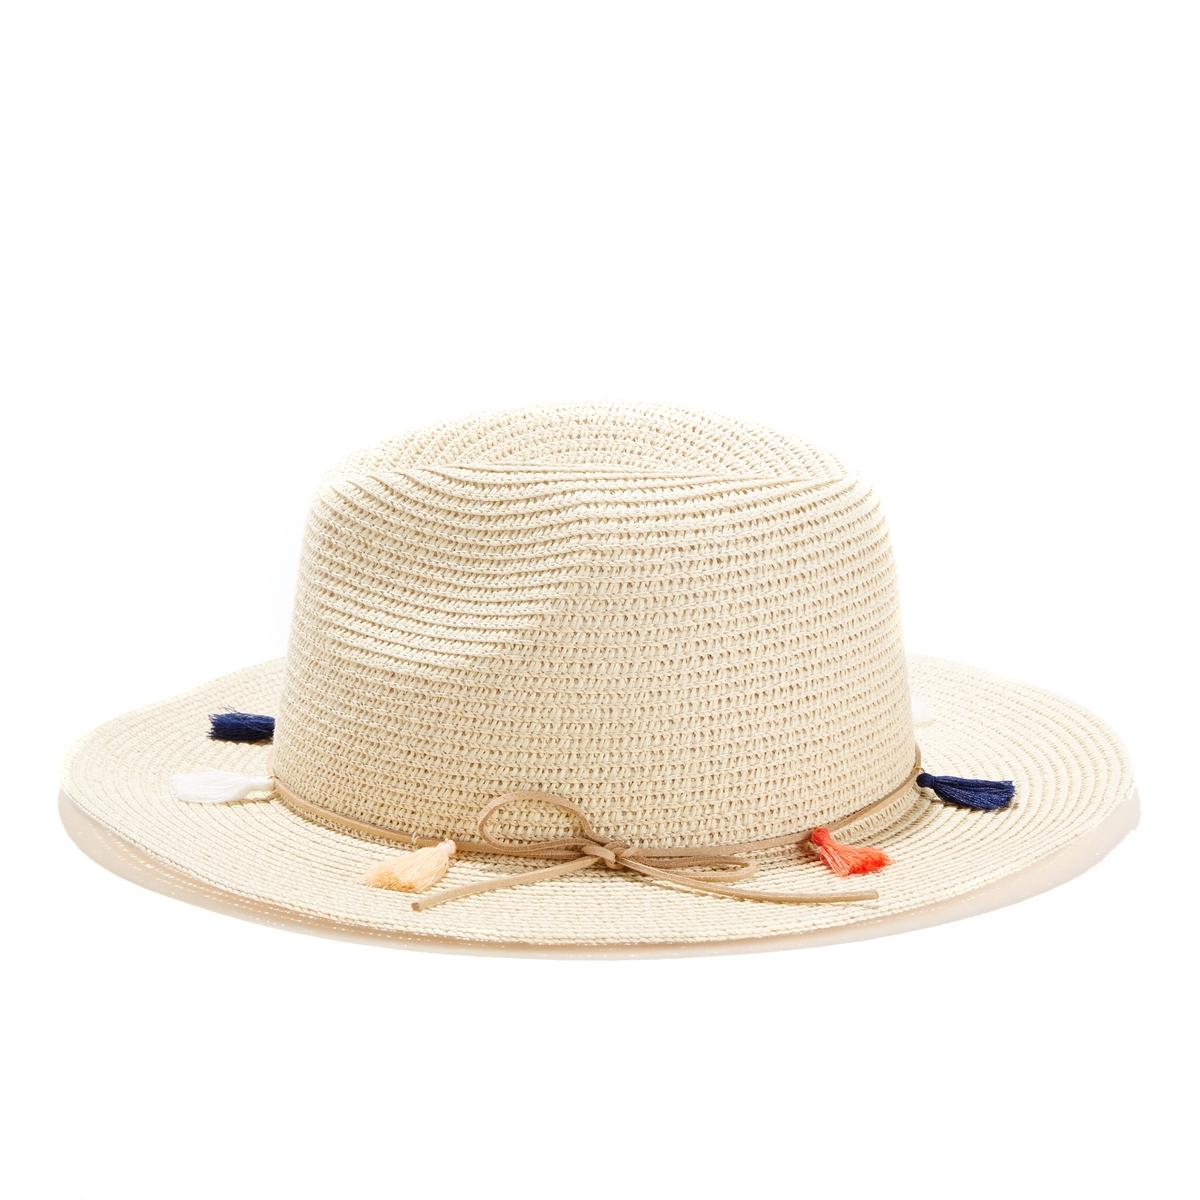 Шляпа с окантовкой и помпонамиОписание:Модная соломенная шляпа: великолепная шляпа с отделкой цветными помпонами !Состав и описание : Материал : 100% бумага из соломы  Обхват головы 56 см<br><br>Цвет: разноцветный